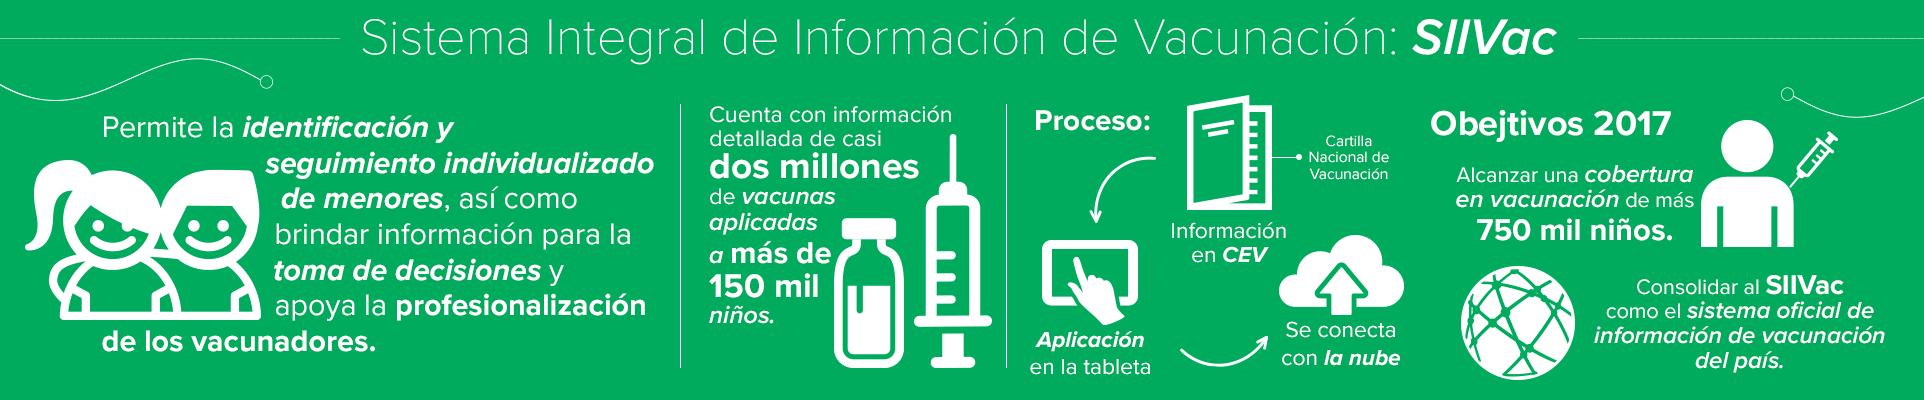 Sistema Integral de Información de Vacunación: SIIVac